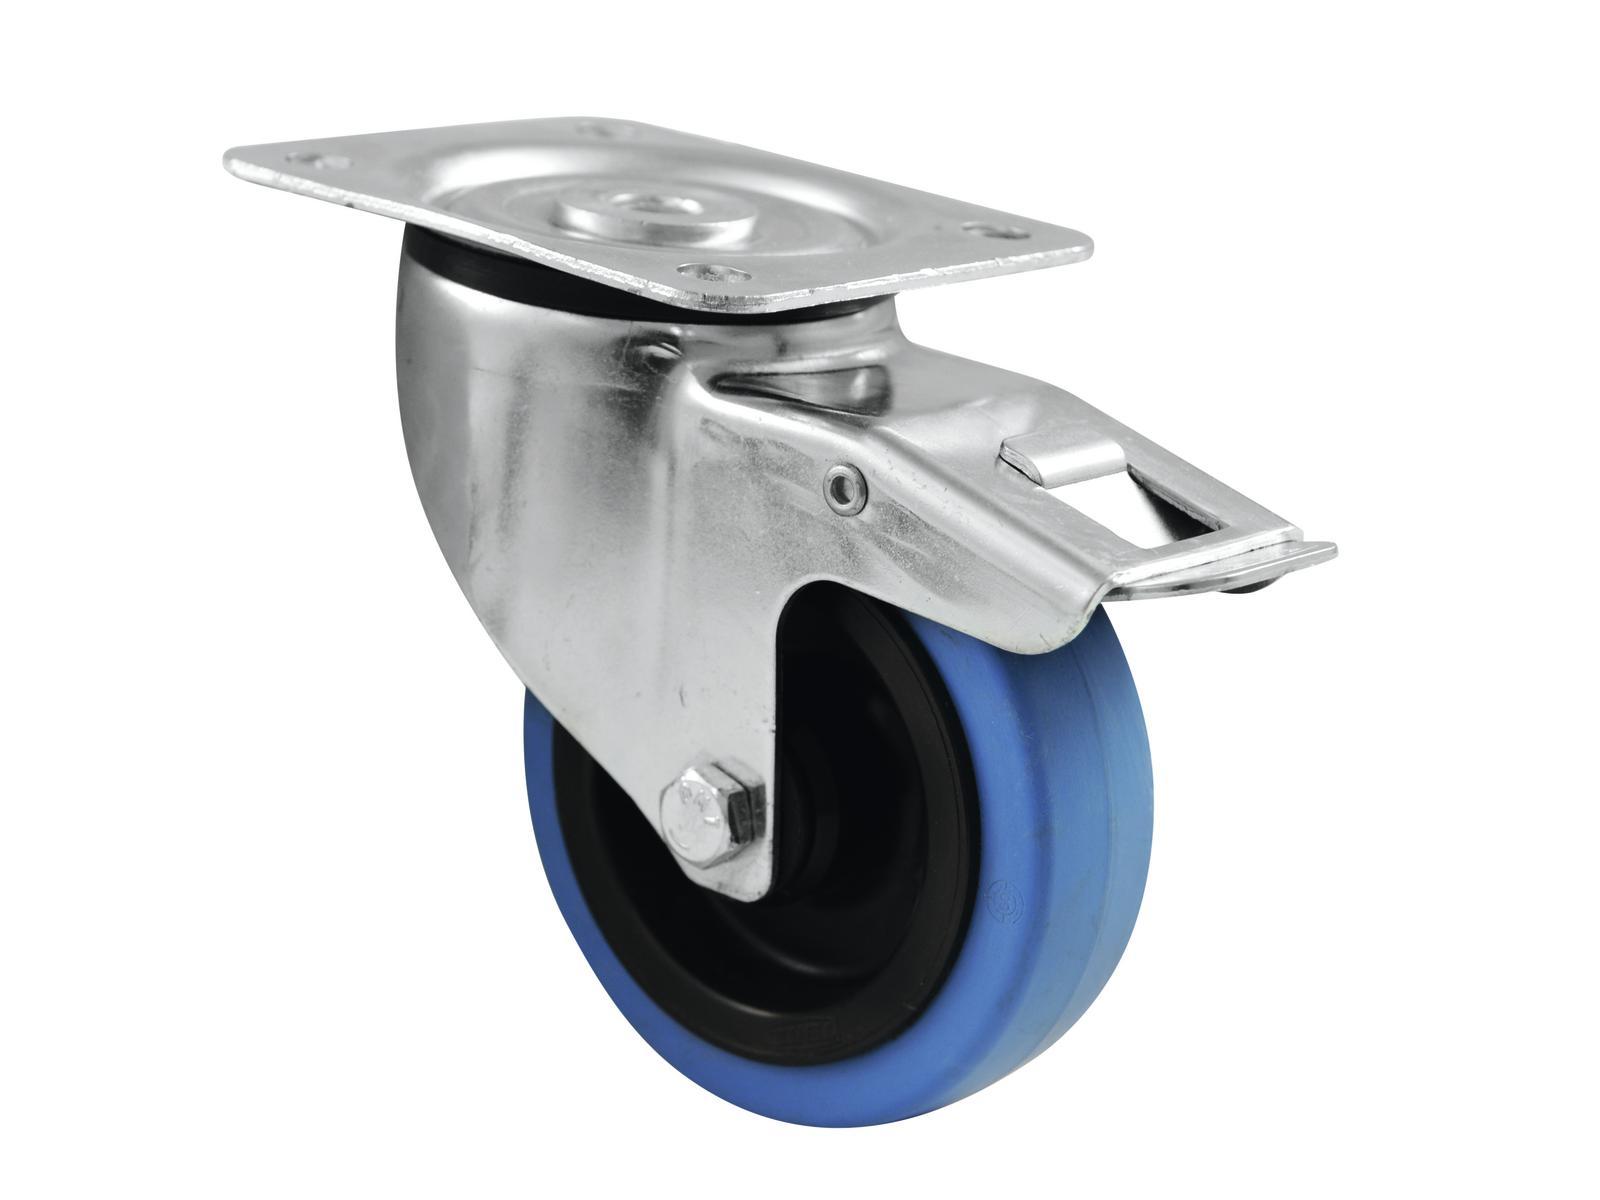 ROADINGER Lenkrolle 100mm BLUE WHEEL mit Bremse